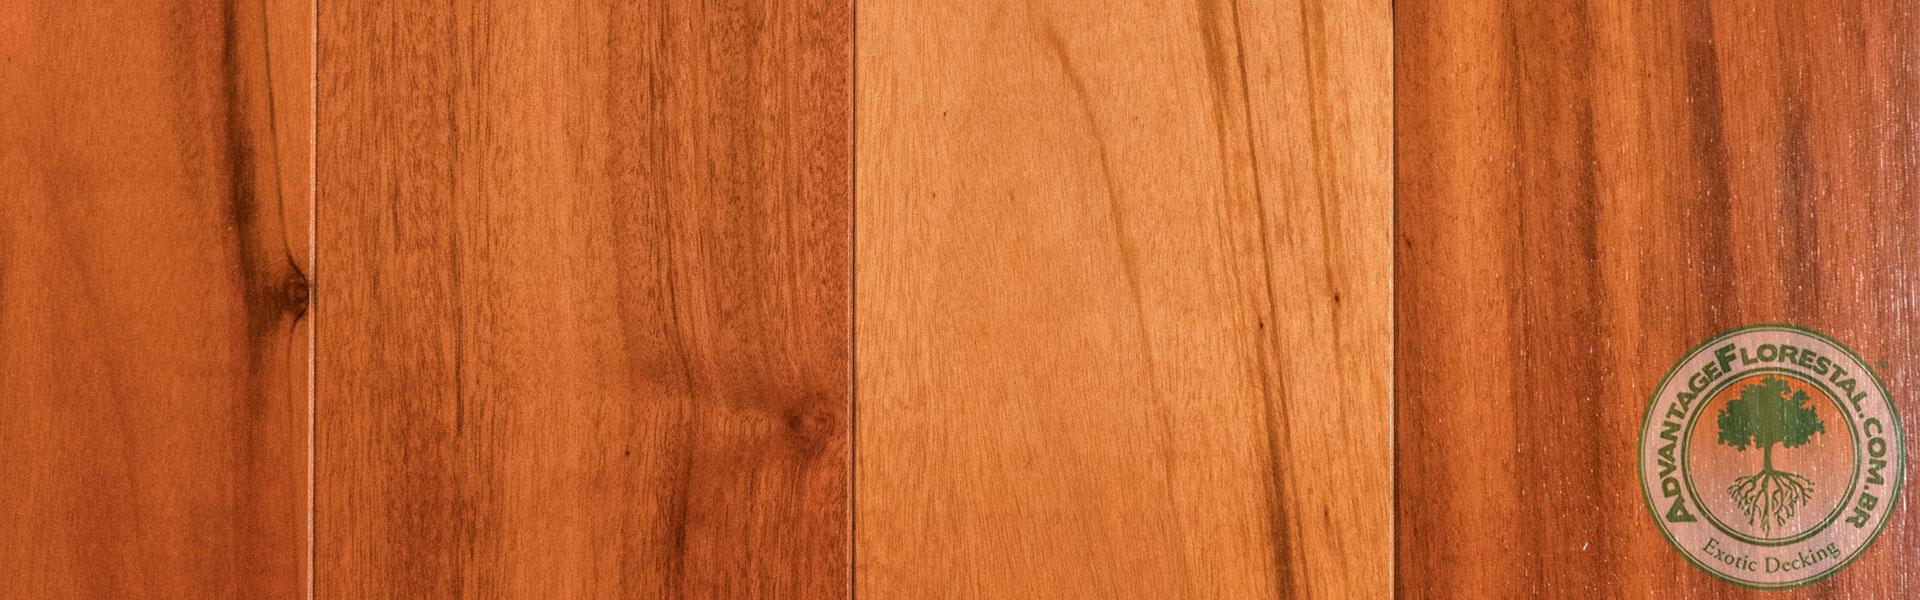 Wholesale Tigerwood Hardwood Flooring